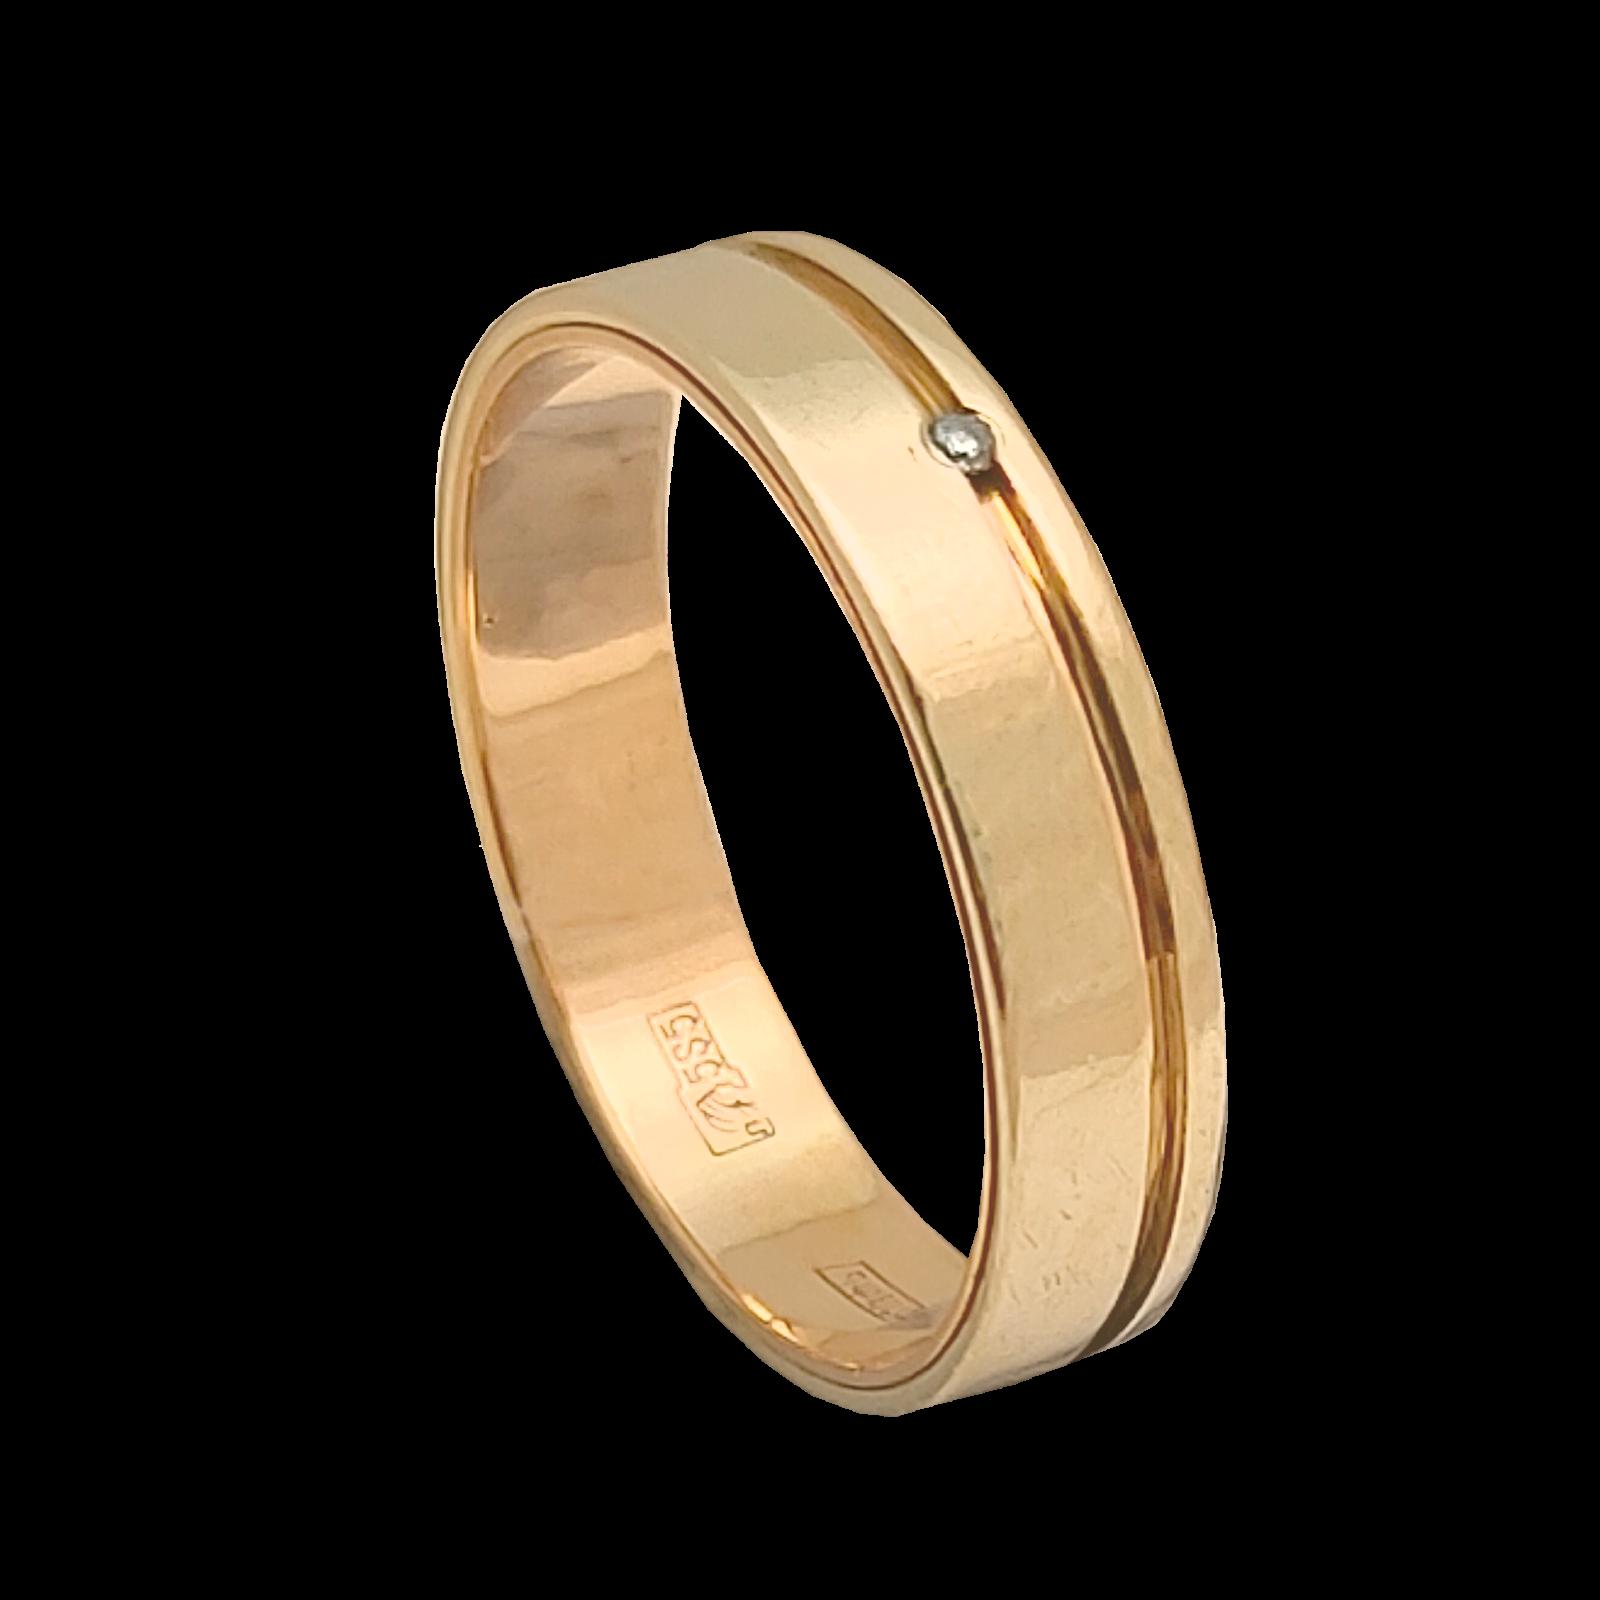 Кольцо обручальное иззолота сбриллиантом (57 гр.)